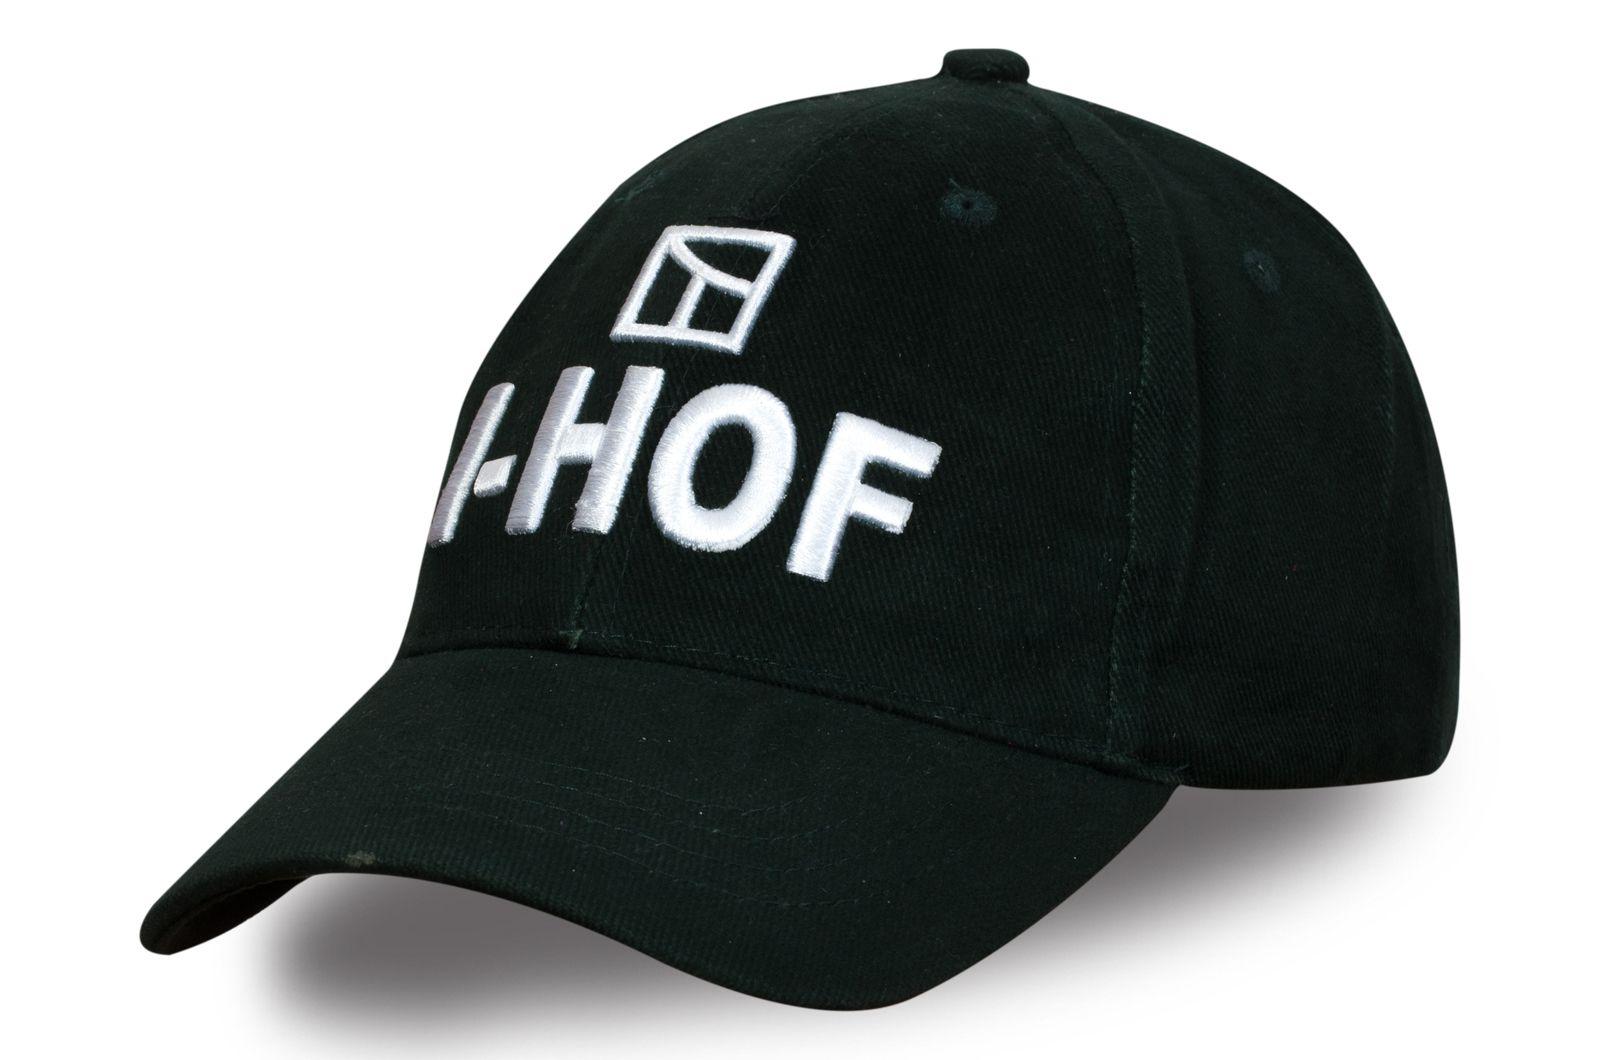 Бейсболка от германского бренда I-HOF